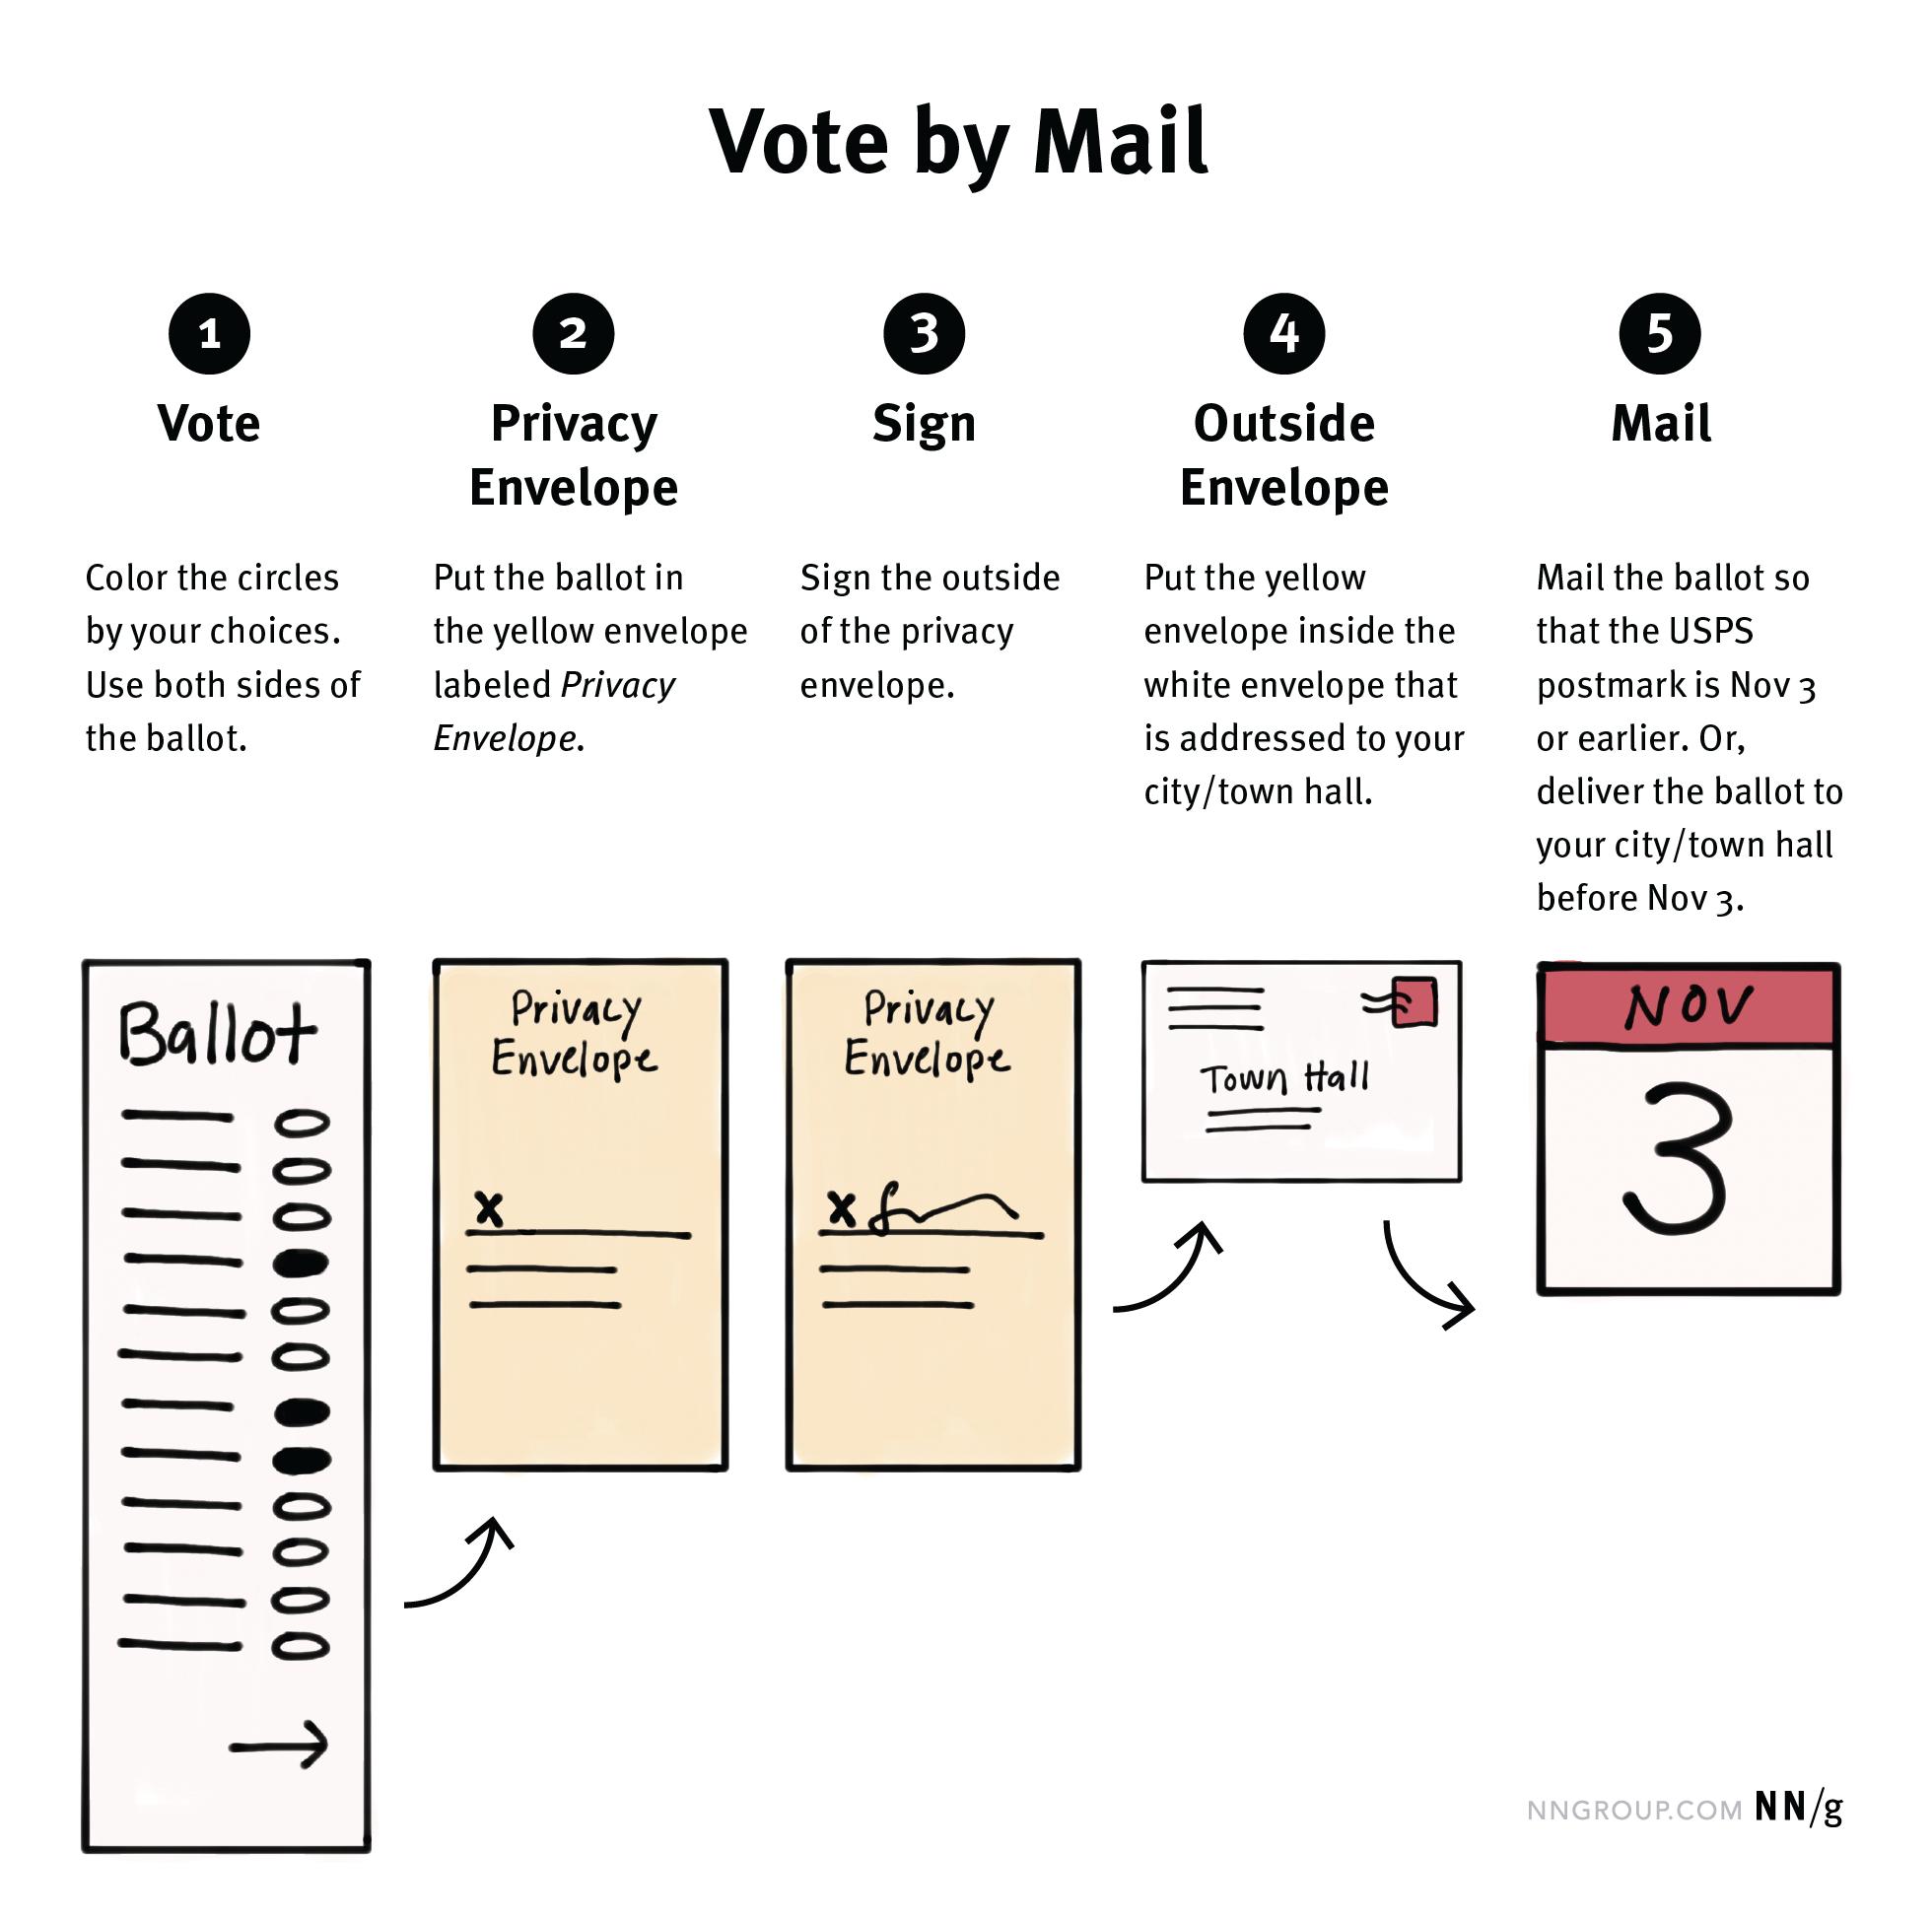 """1)表决结果:该颜色由圆你的选择。使用投票的两侧。(投票草图)2)保密信封:把选票中黄色的""""保密信封""""。(素描黄色信封的)3)登录:登录隐私信封的外部。(签字素描黄色信封)4)外部信封:将黄色信封是写给你的城市/城镇大厅的白色信封内。(白色信封的草图)5)邮件:邮件投票,和USPS邮戳11月3日或之前。或能在美国11月3日交付表决,以你的城市/城镇大厅(素描11月3日历日的)"""